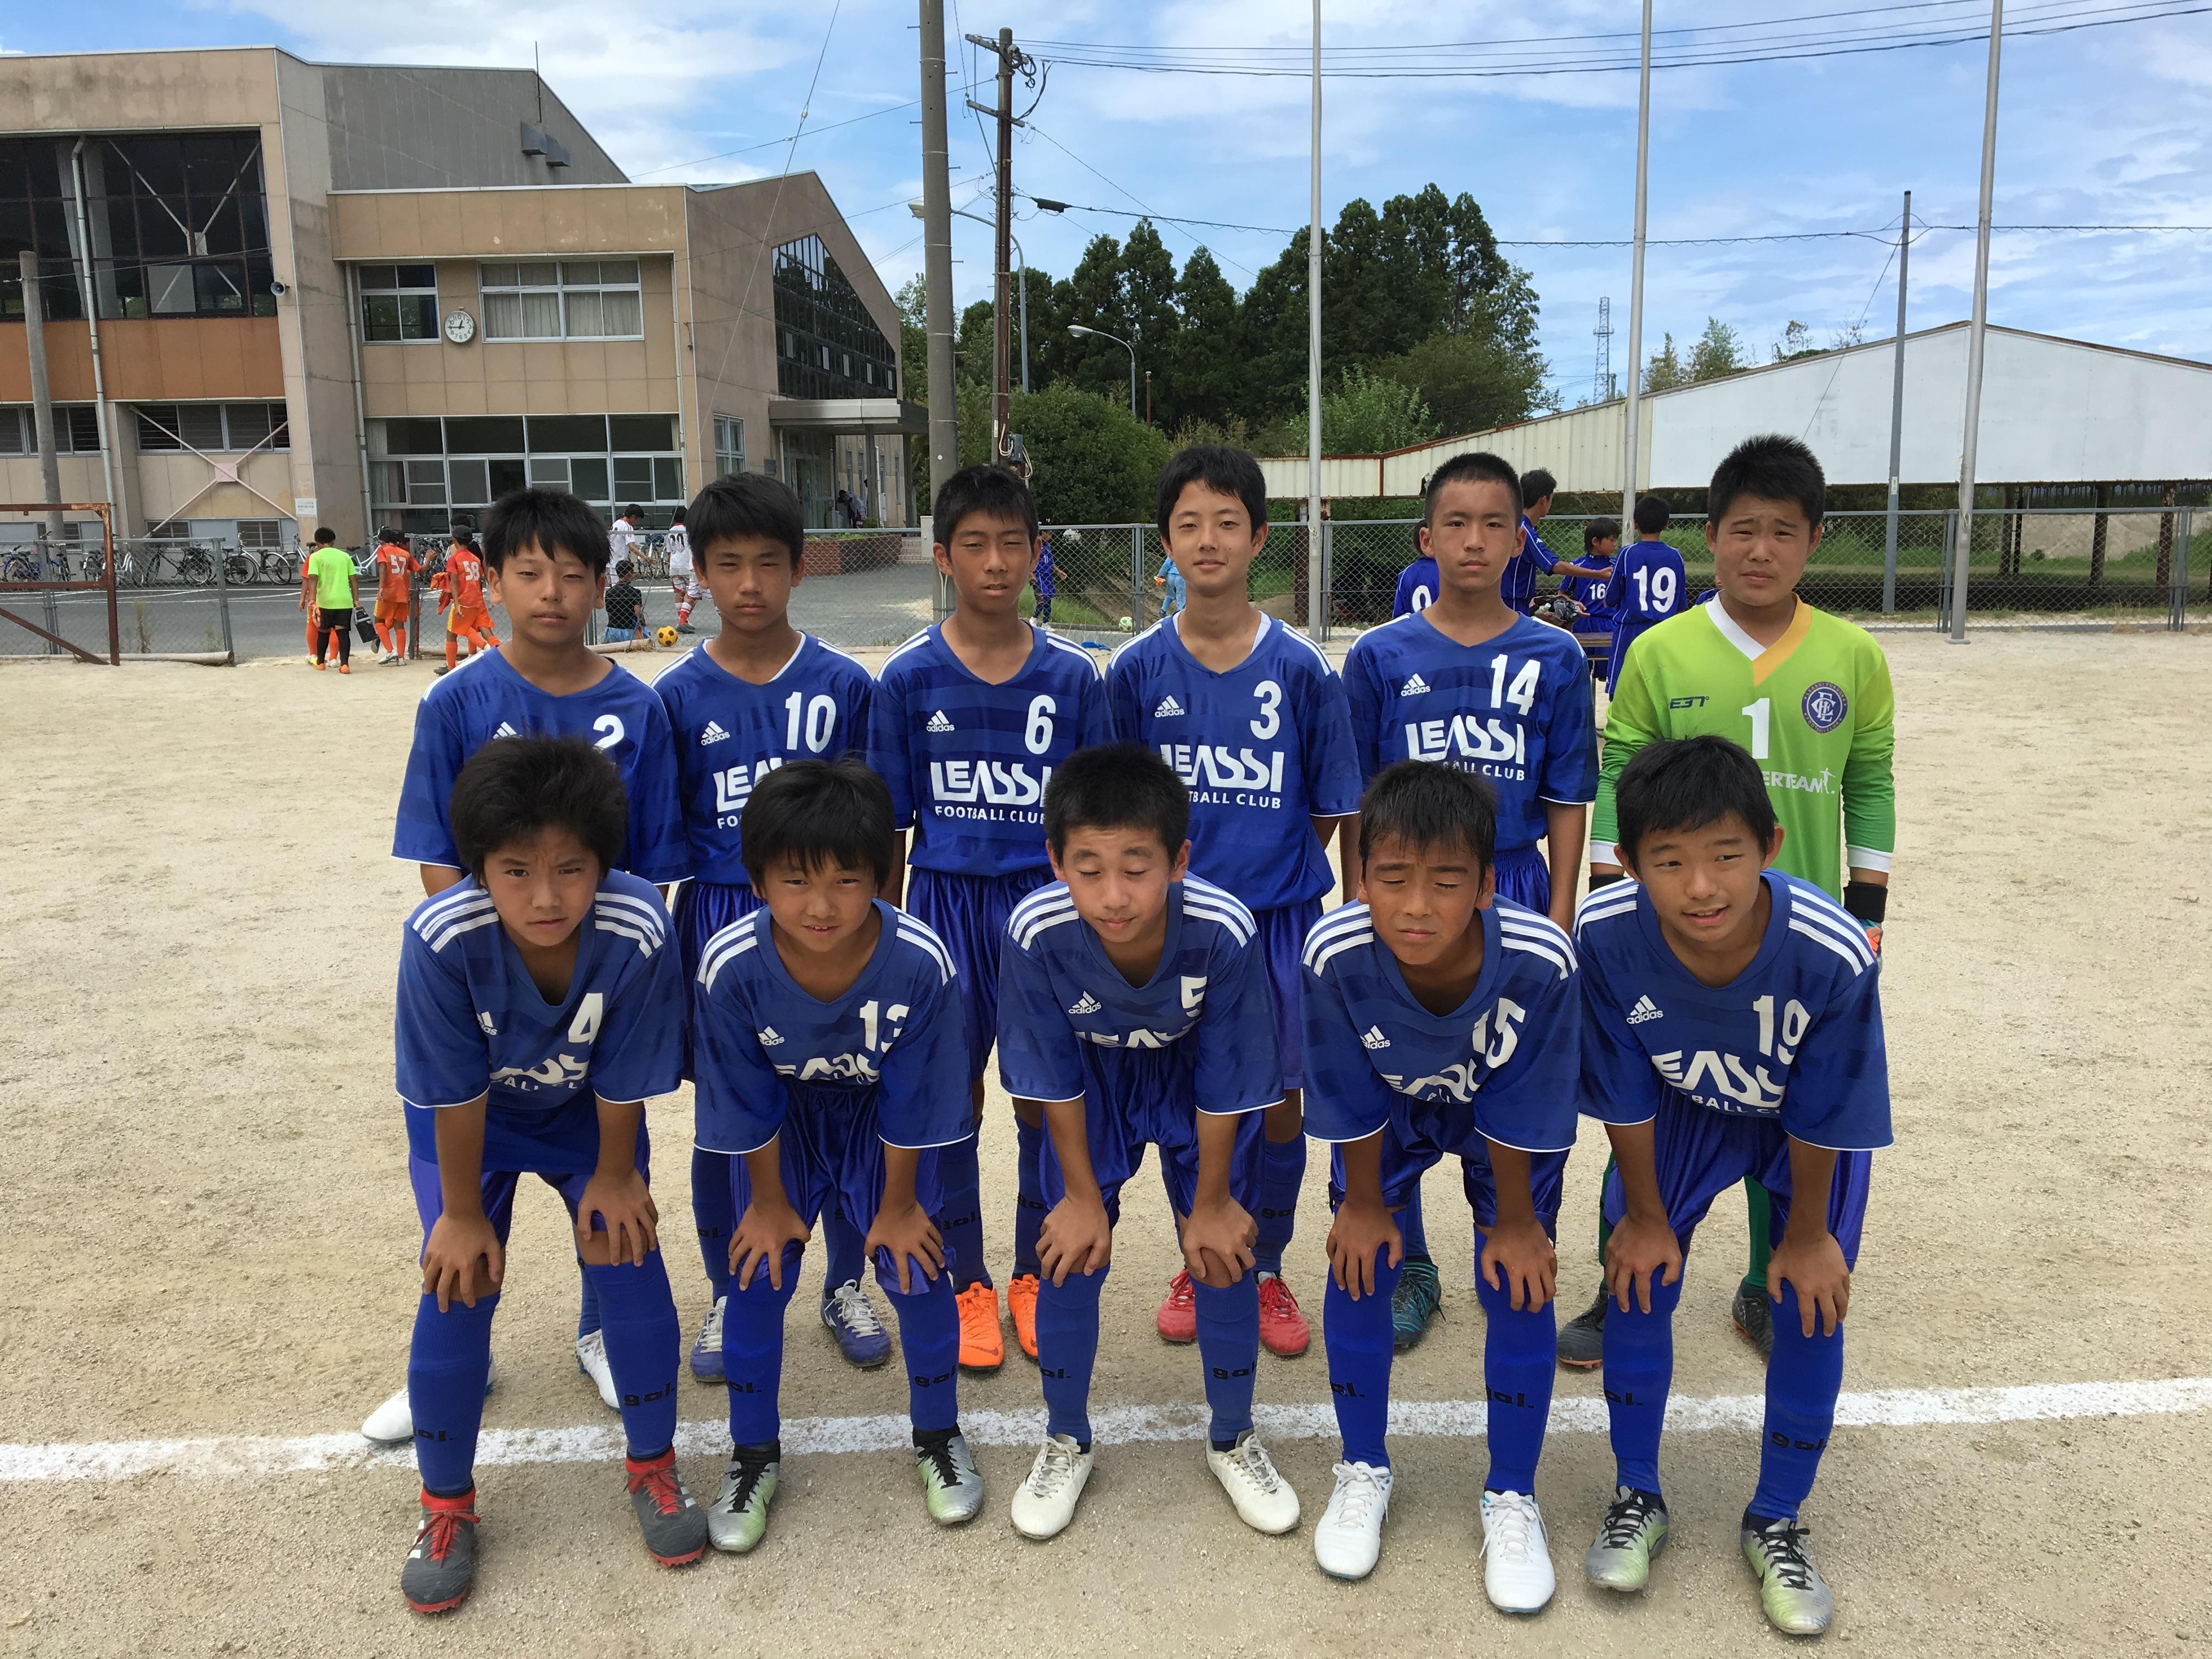 いよいよ最終節を迎えました U13県リーグRojoチーム